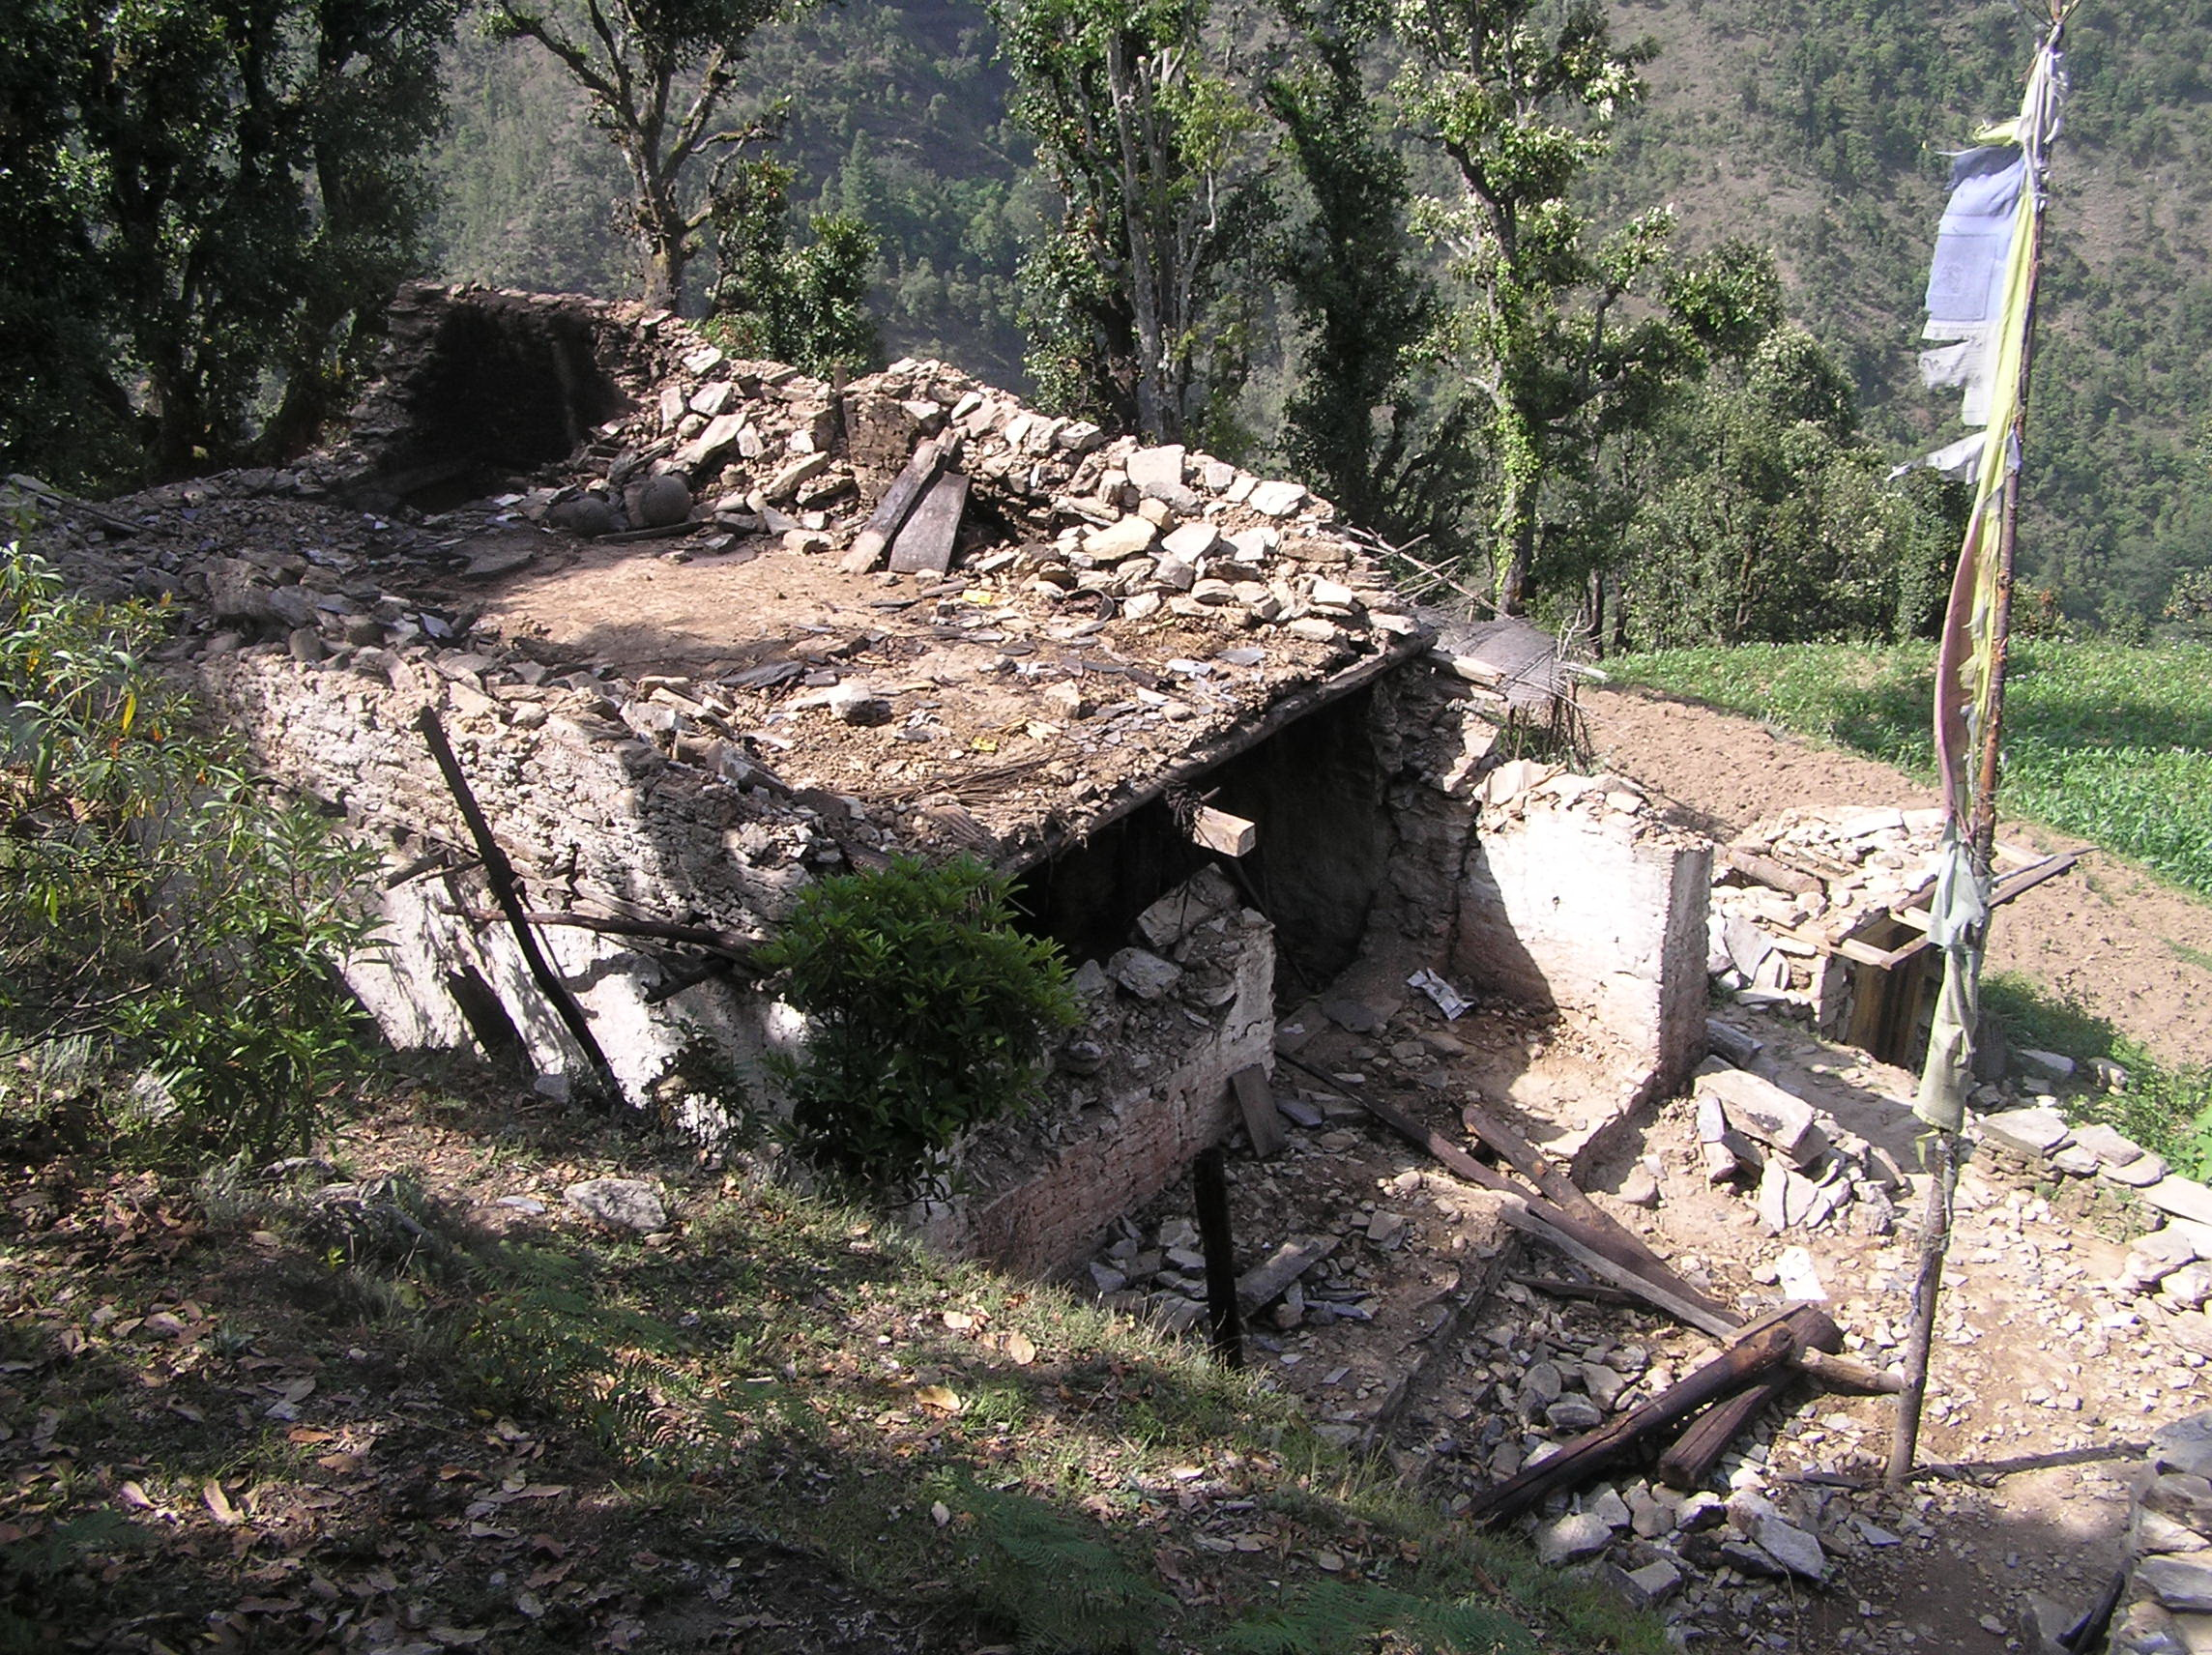 Nar-bhadur-tamangghising-kancha